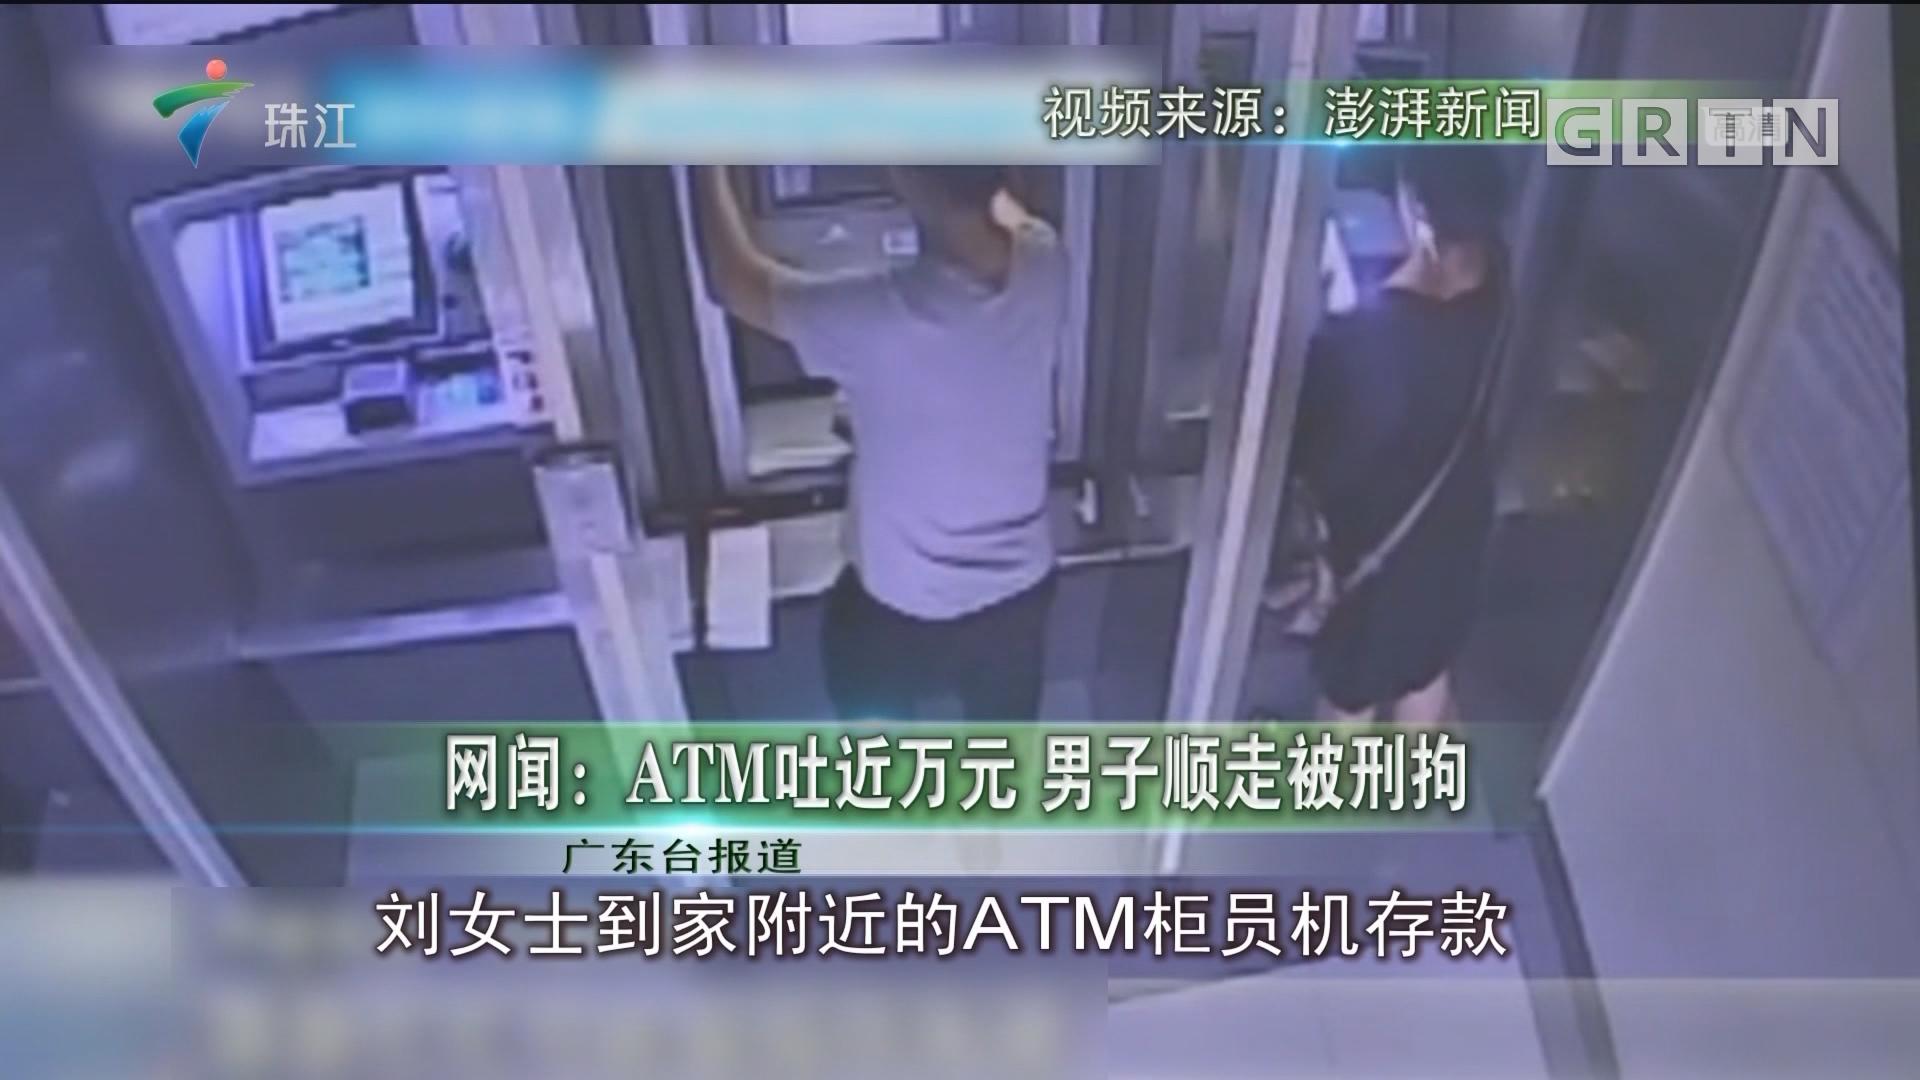 网闻:ATM吐近万元 男子顺走被刑拘